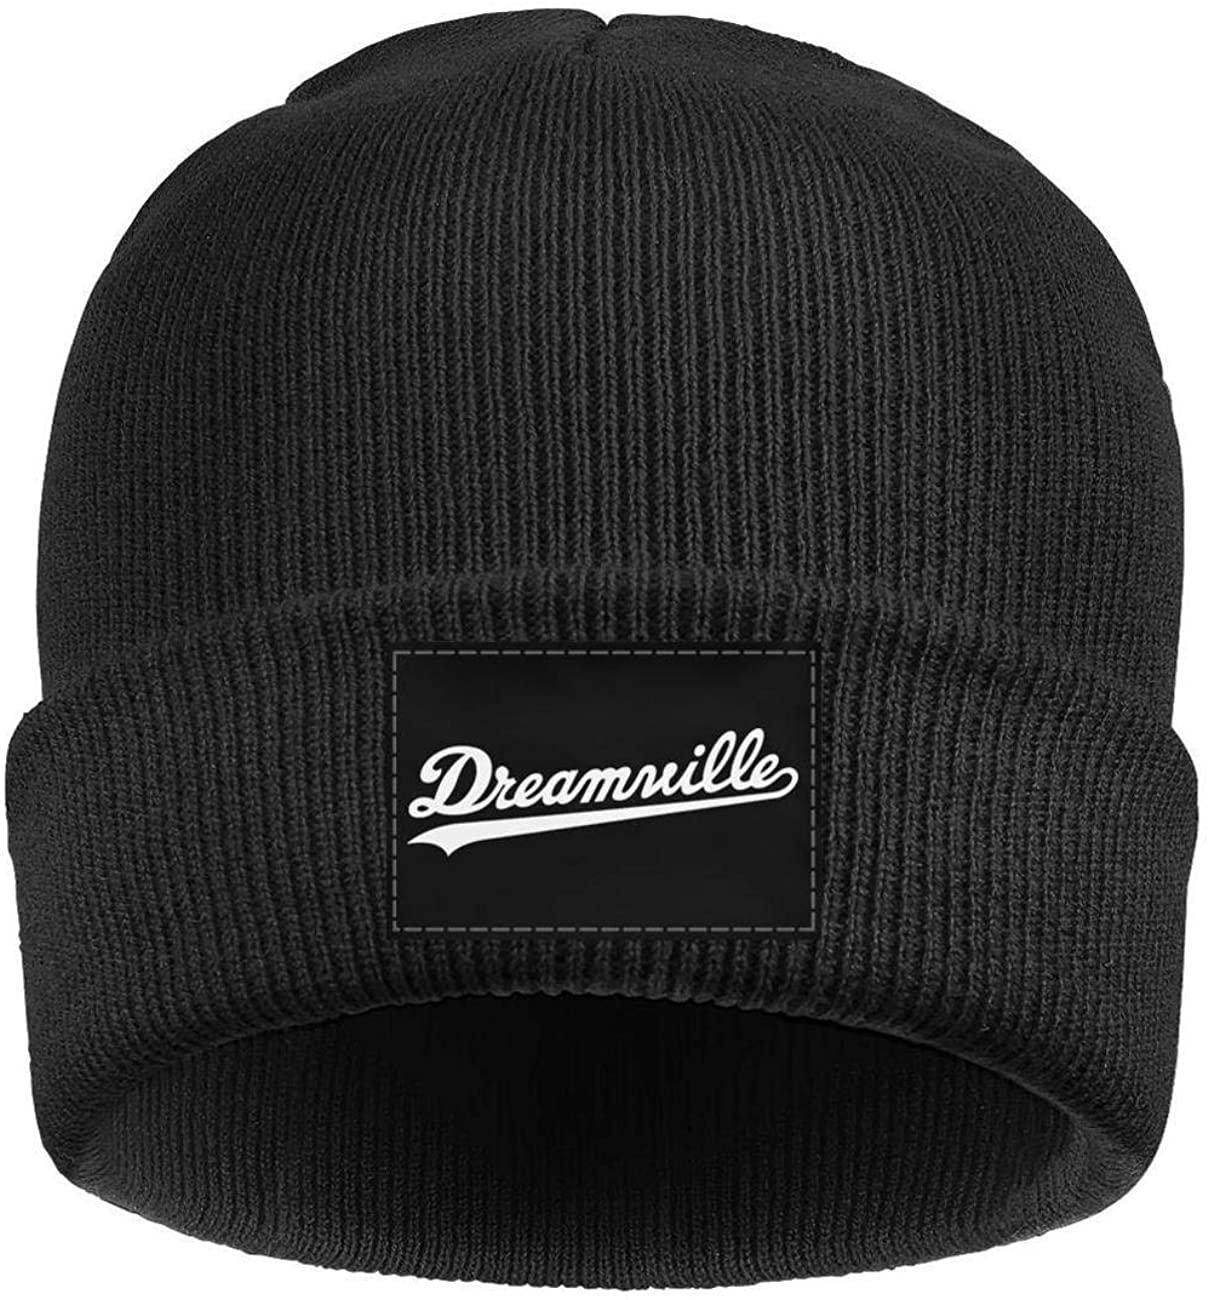 ArNSports Beanies Hats for Women Soft Beanie Knit Cap Hat